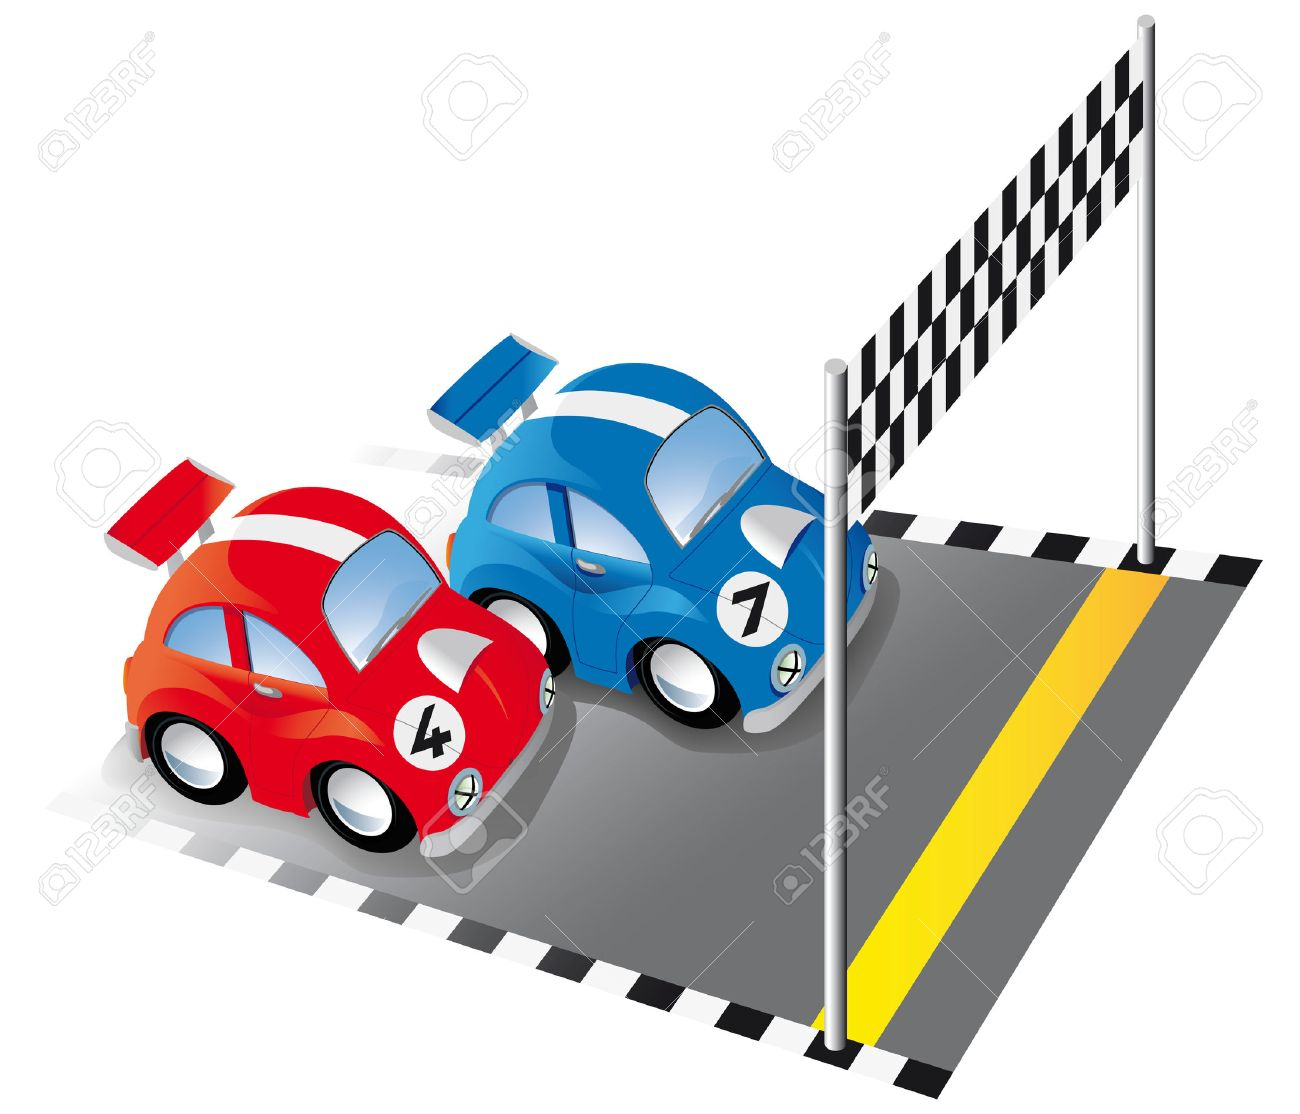 Deux Voitures De Course Drôle Sur La Piste De Course Avec Ligne D'arrivée  Et Le Drapeau À Damiers destiné Course Voiture En Ligne